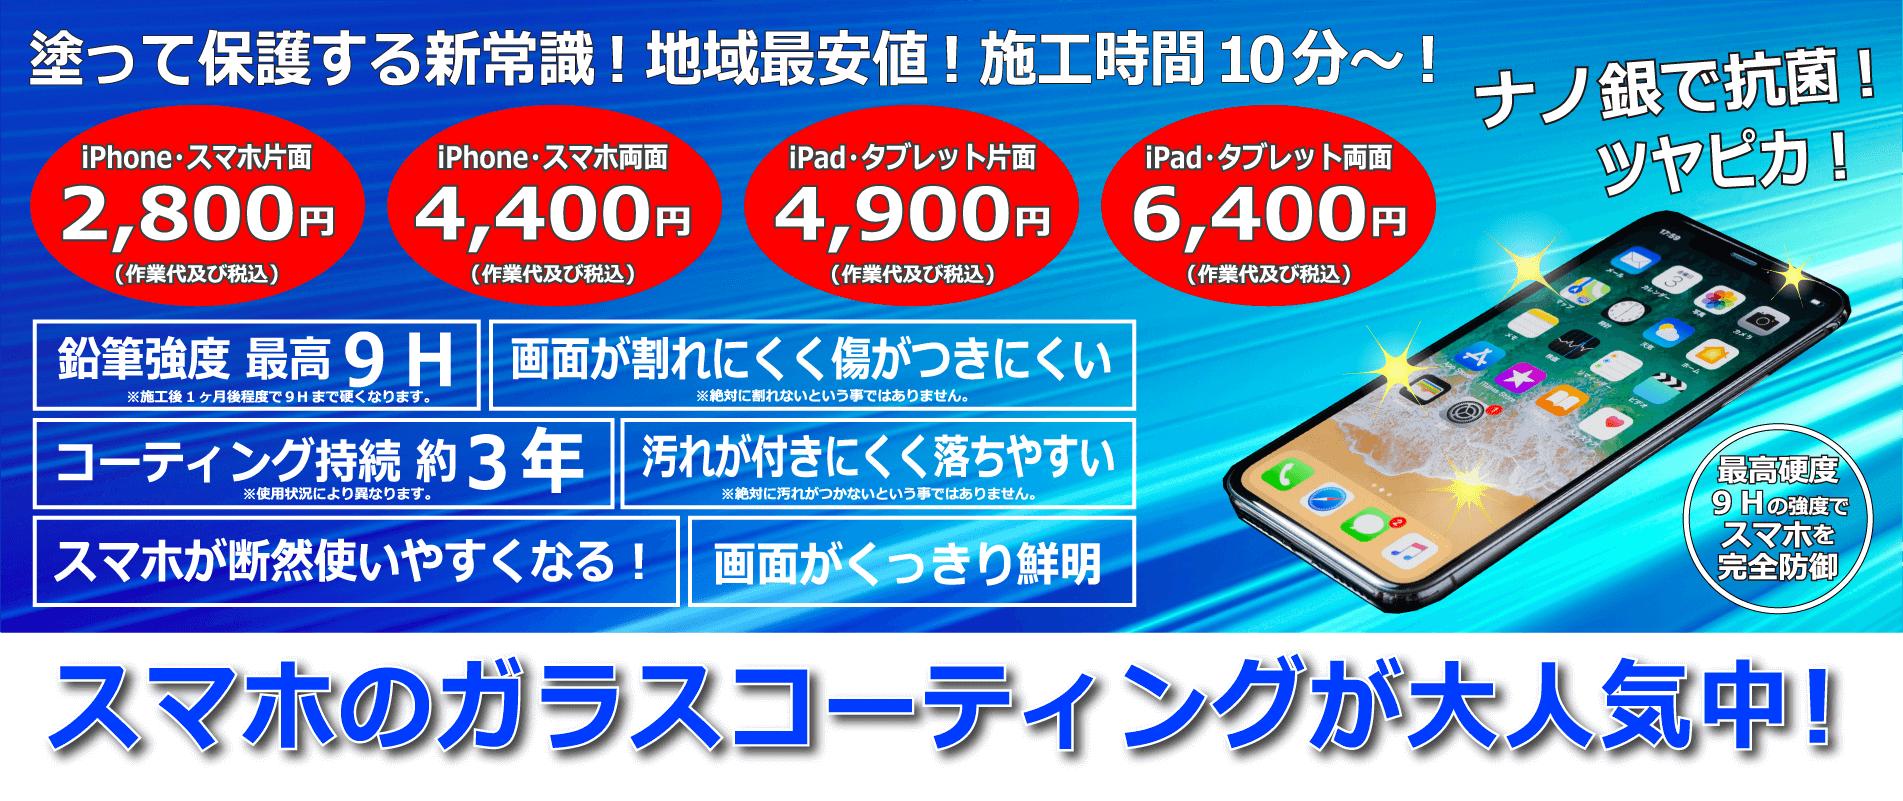 iPhone・スマホ・iPad・タブレットのガラスコーティング始めました!倉敷だけでなく、総社・岡山・笠岡・浅口などからも多くの方にご来店頂いています。